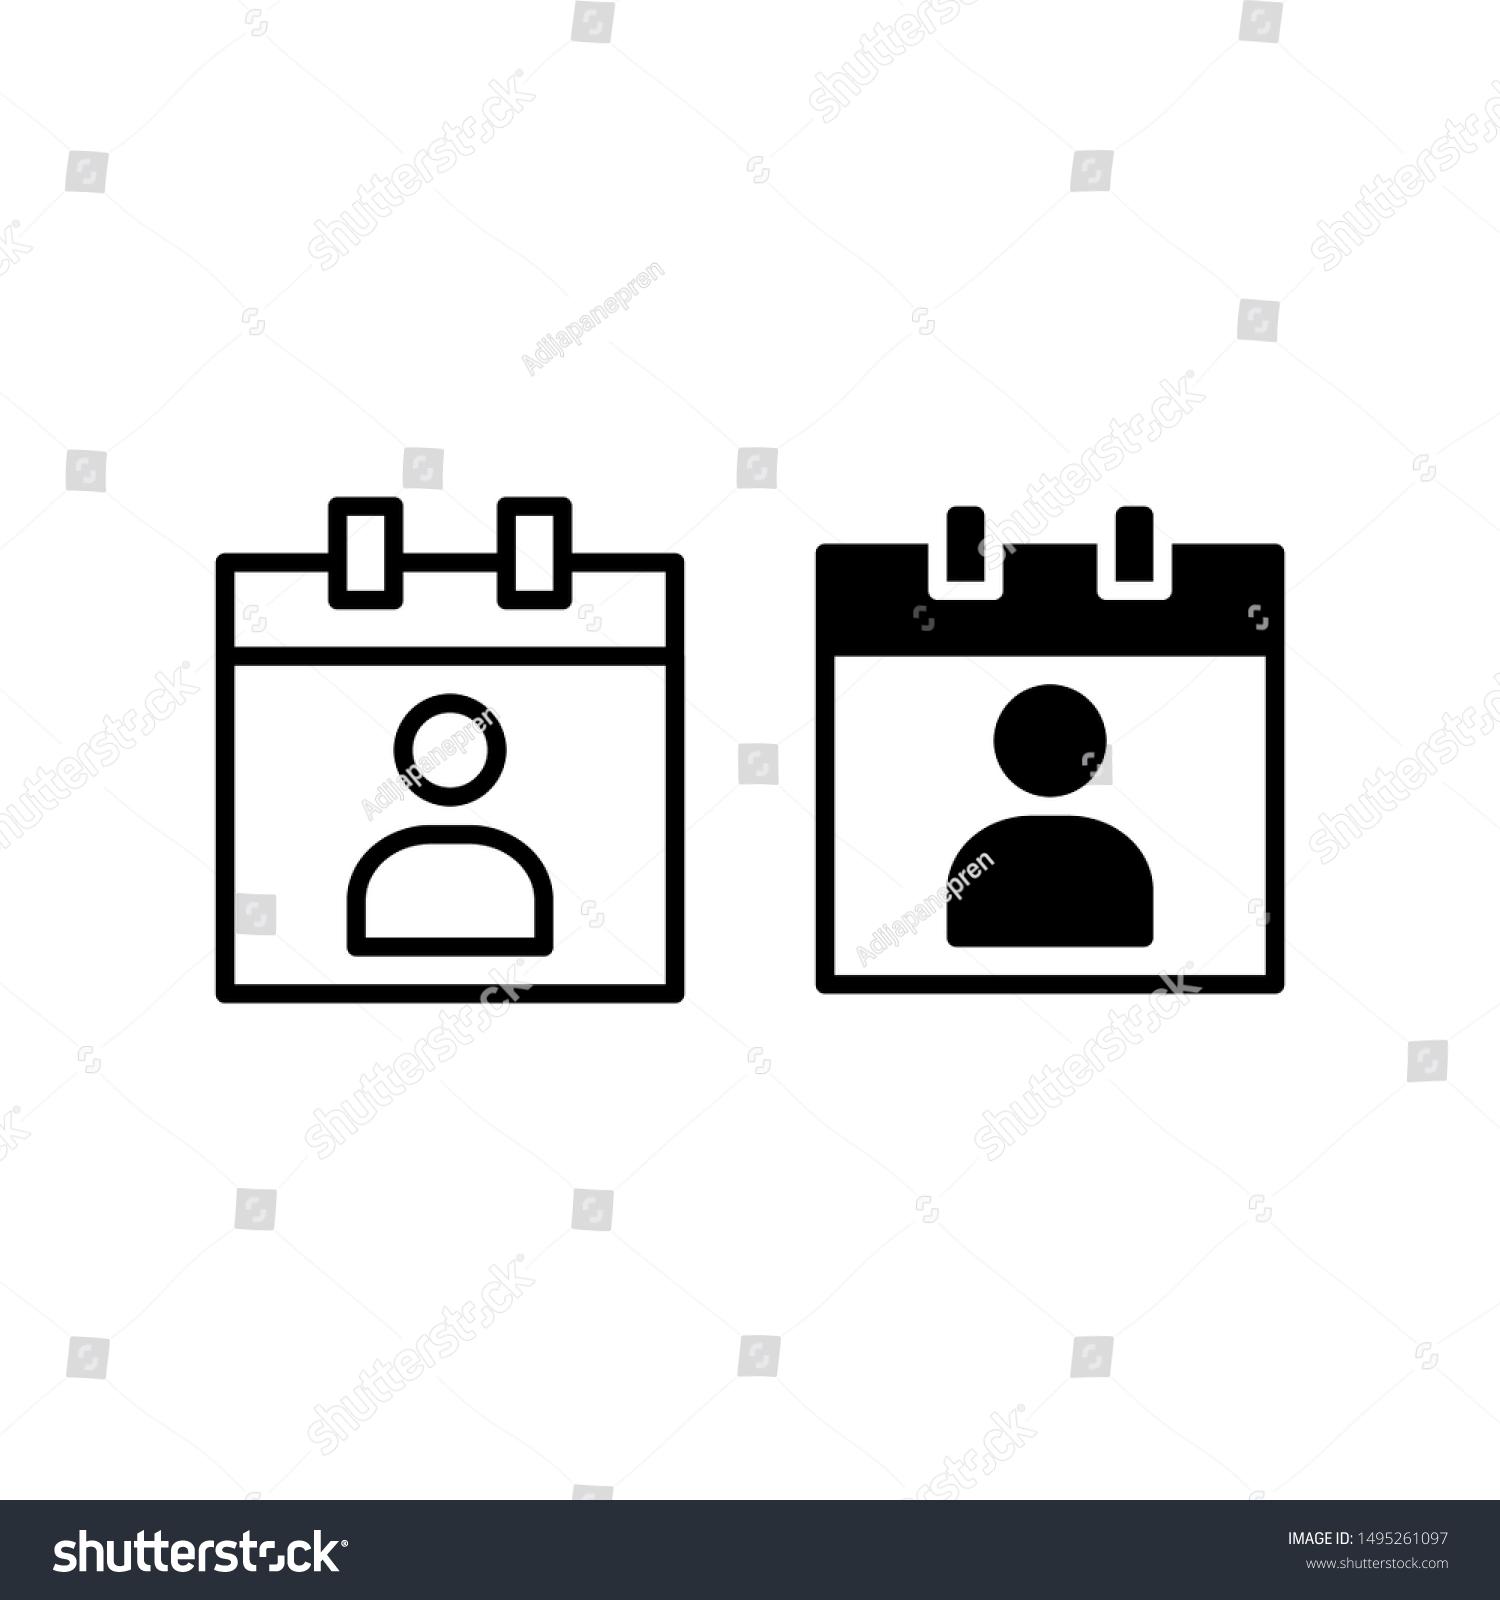 Icone Date De Naissance Avec Contour Image Vectorielle De Stock Libre De Droits 1495261097